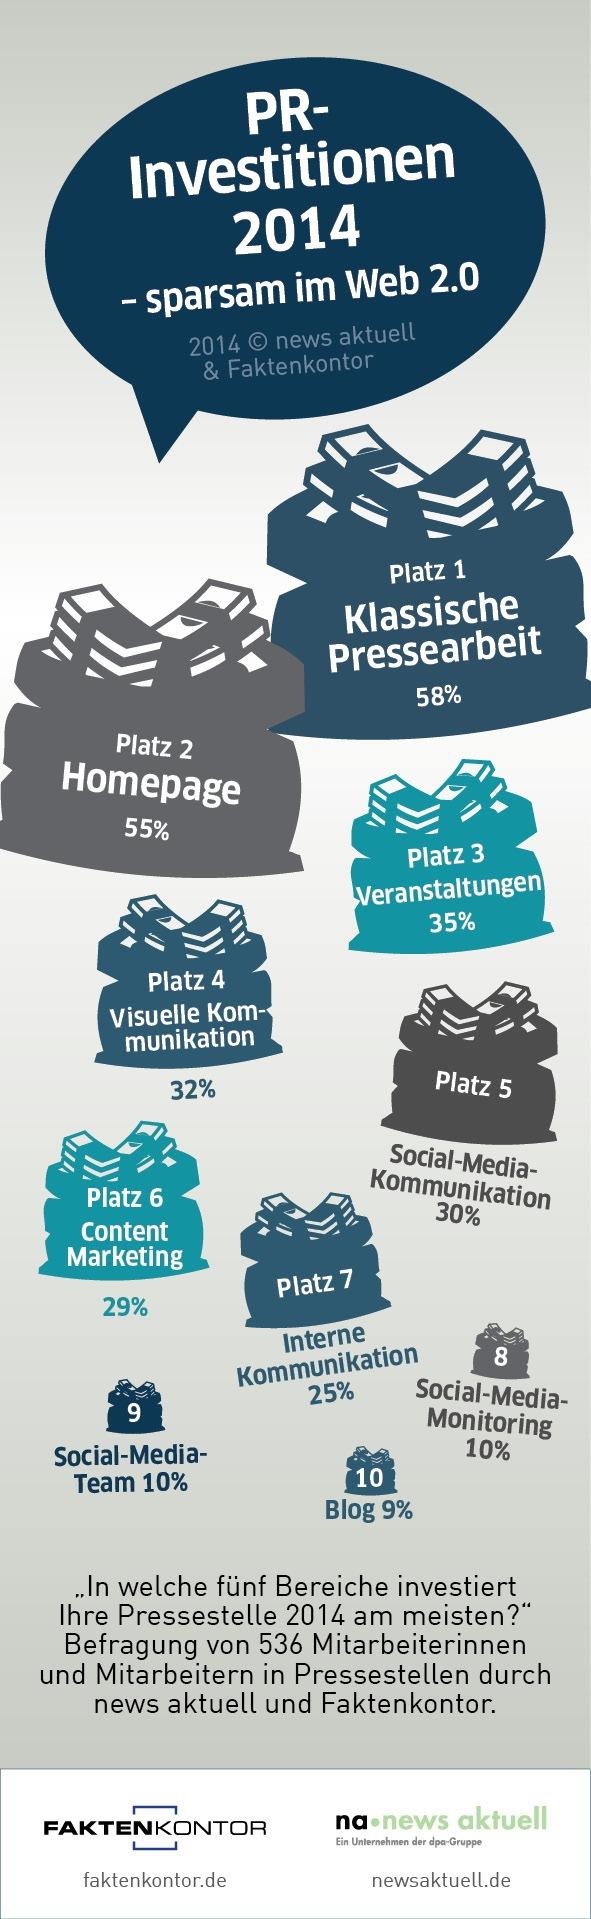 Unternehmen im Social Web sparsam: Investitionen hauptsächlich in klassische Pressearbeit, Homepage und Veranstaltungen